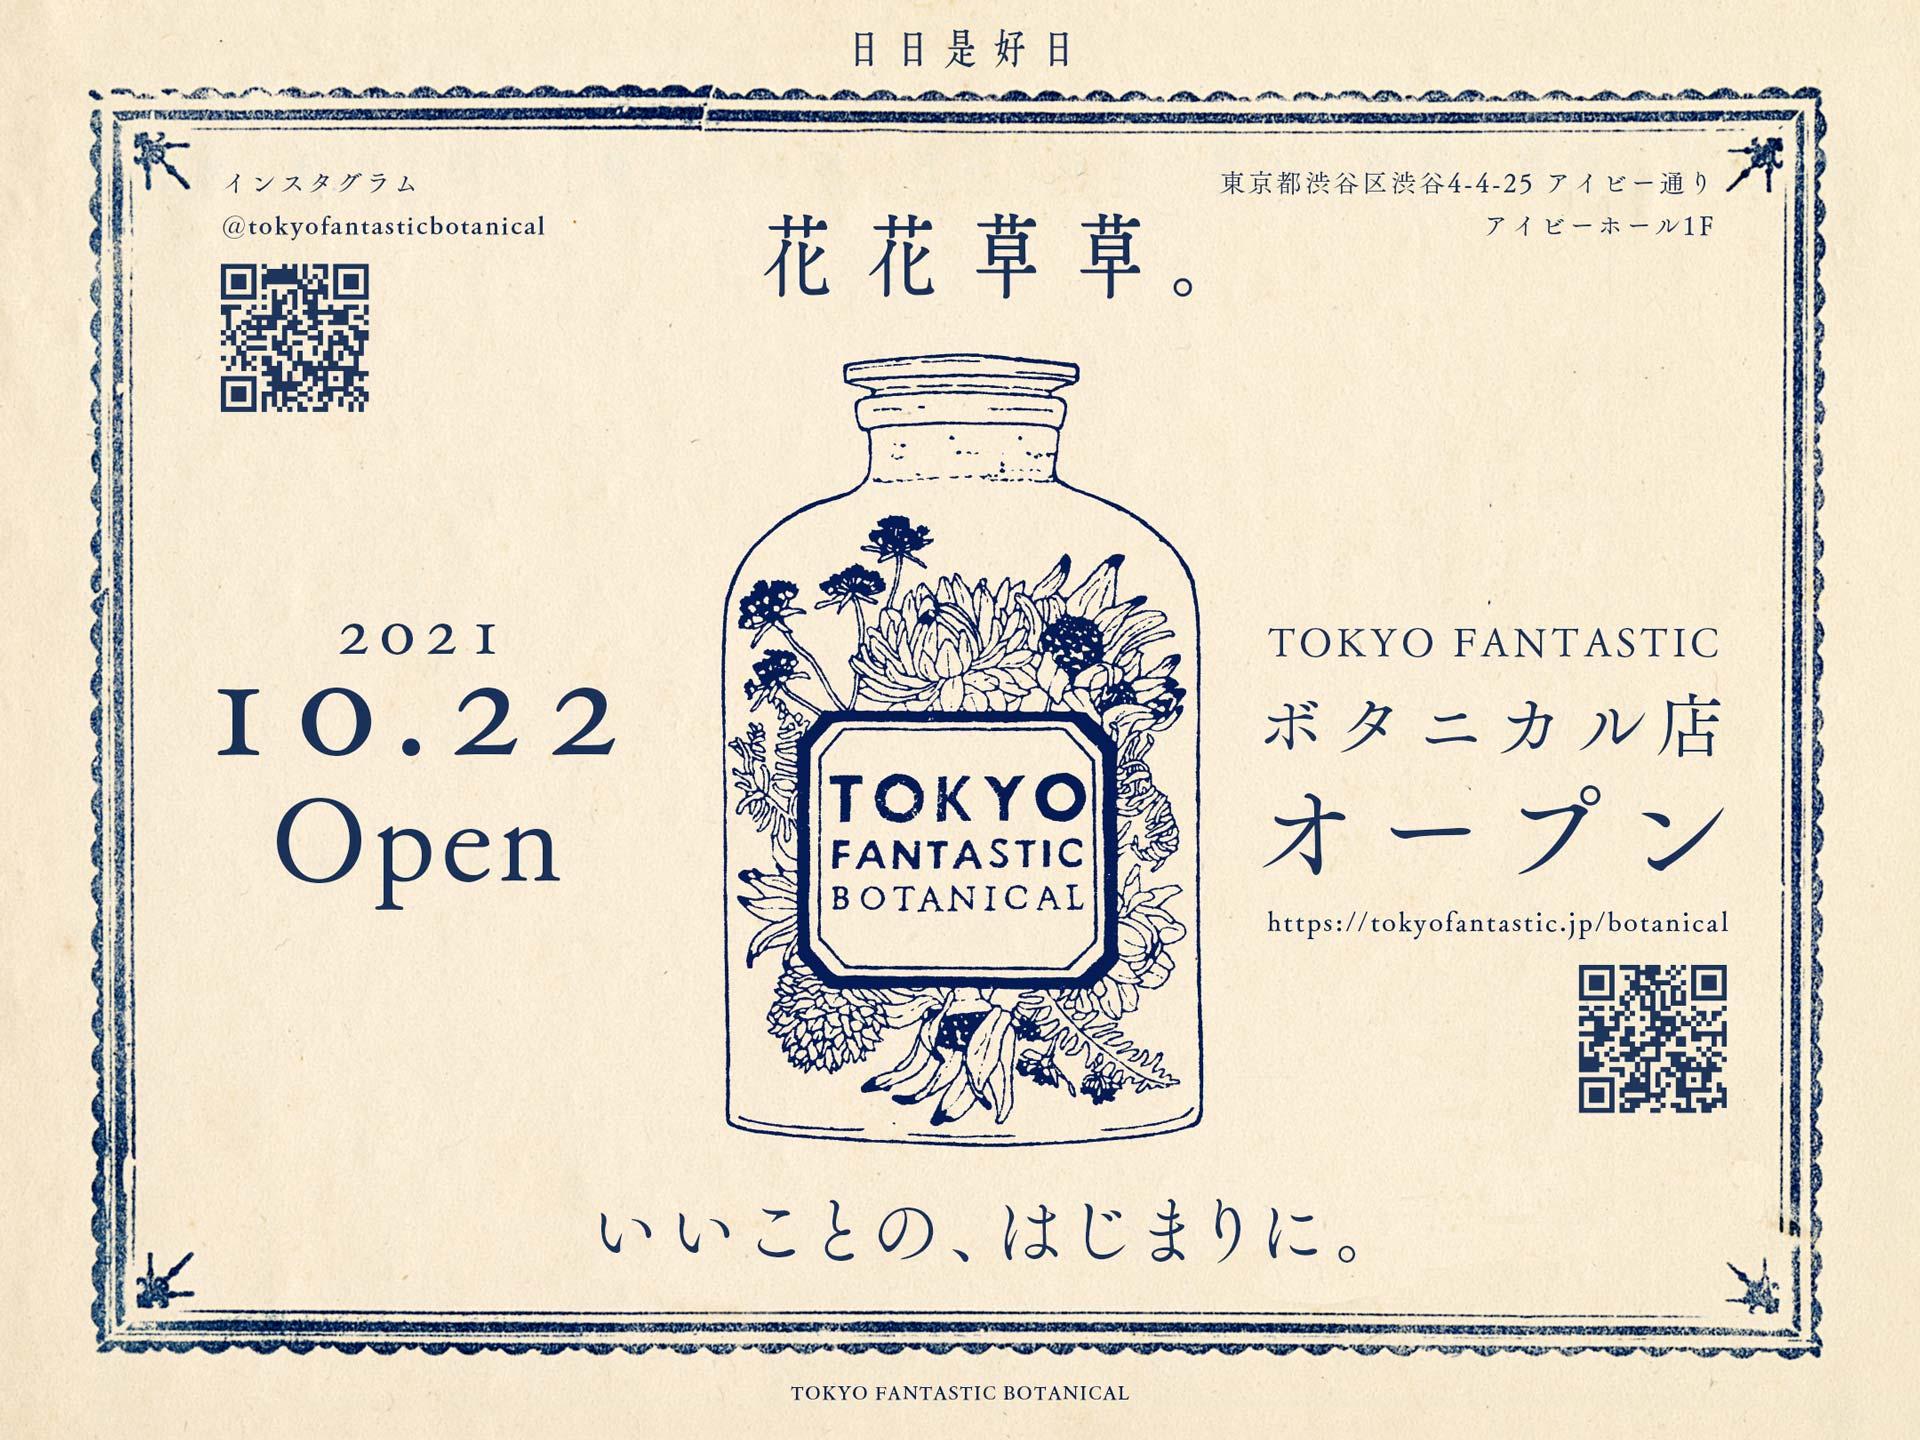 2021.10.22 「ボタニカル店」、アイビーホールにオープン!